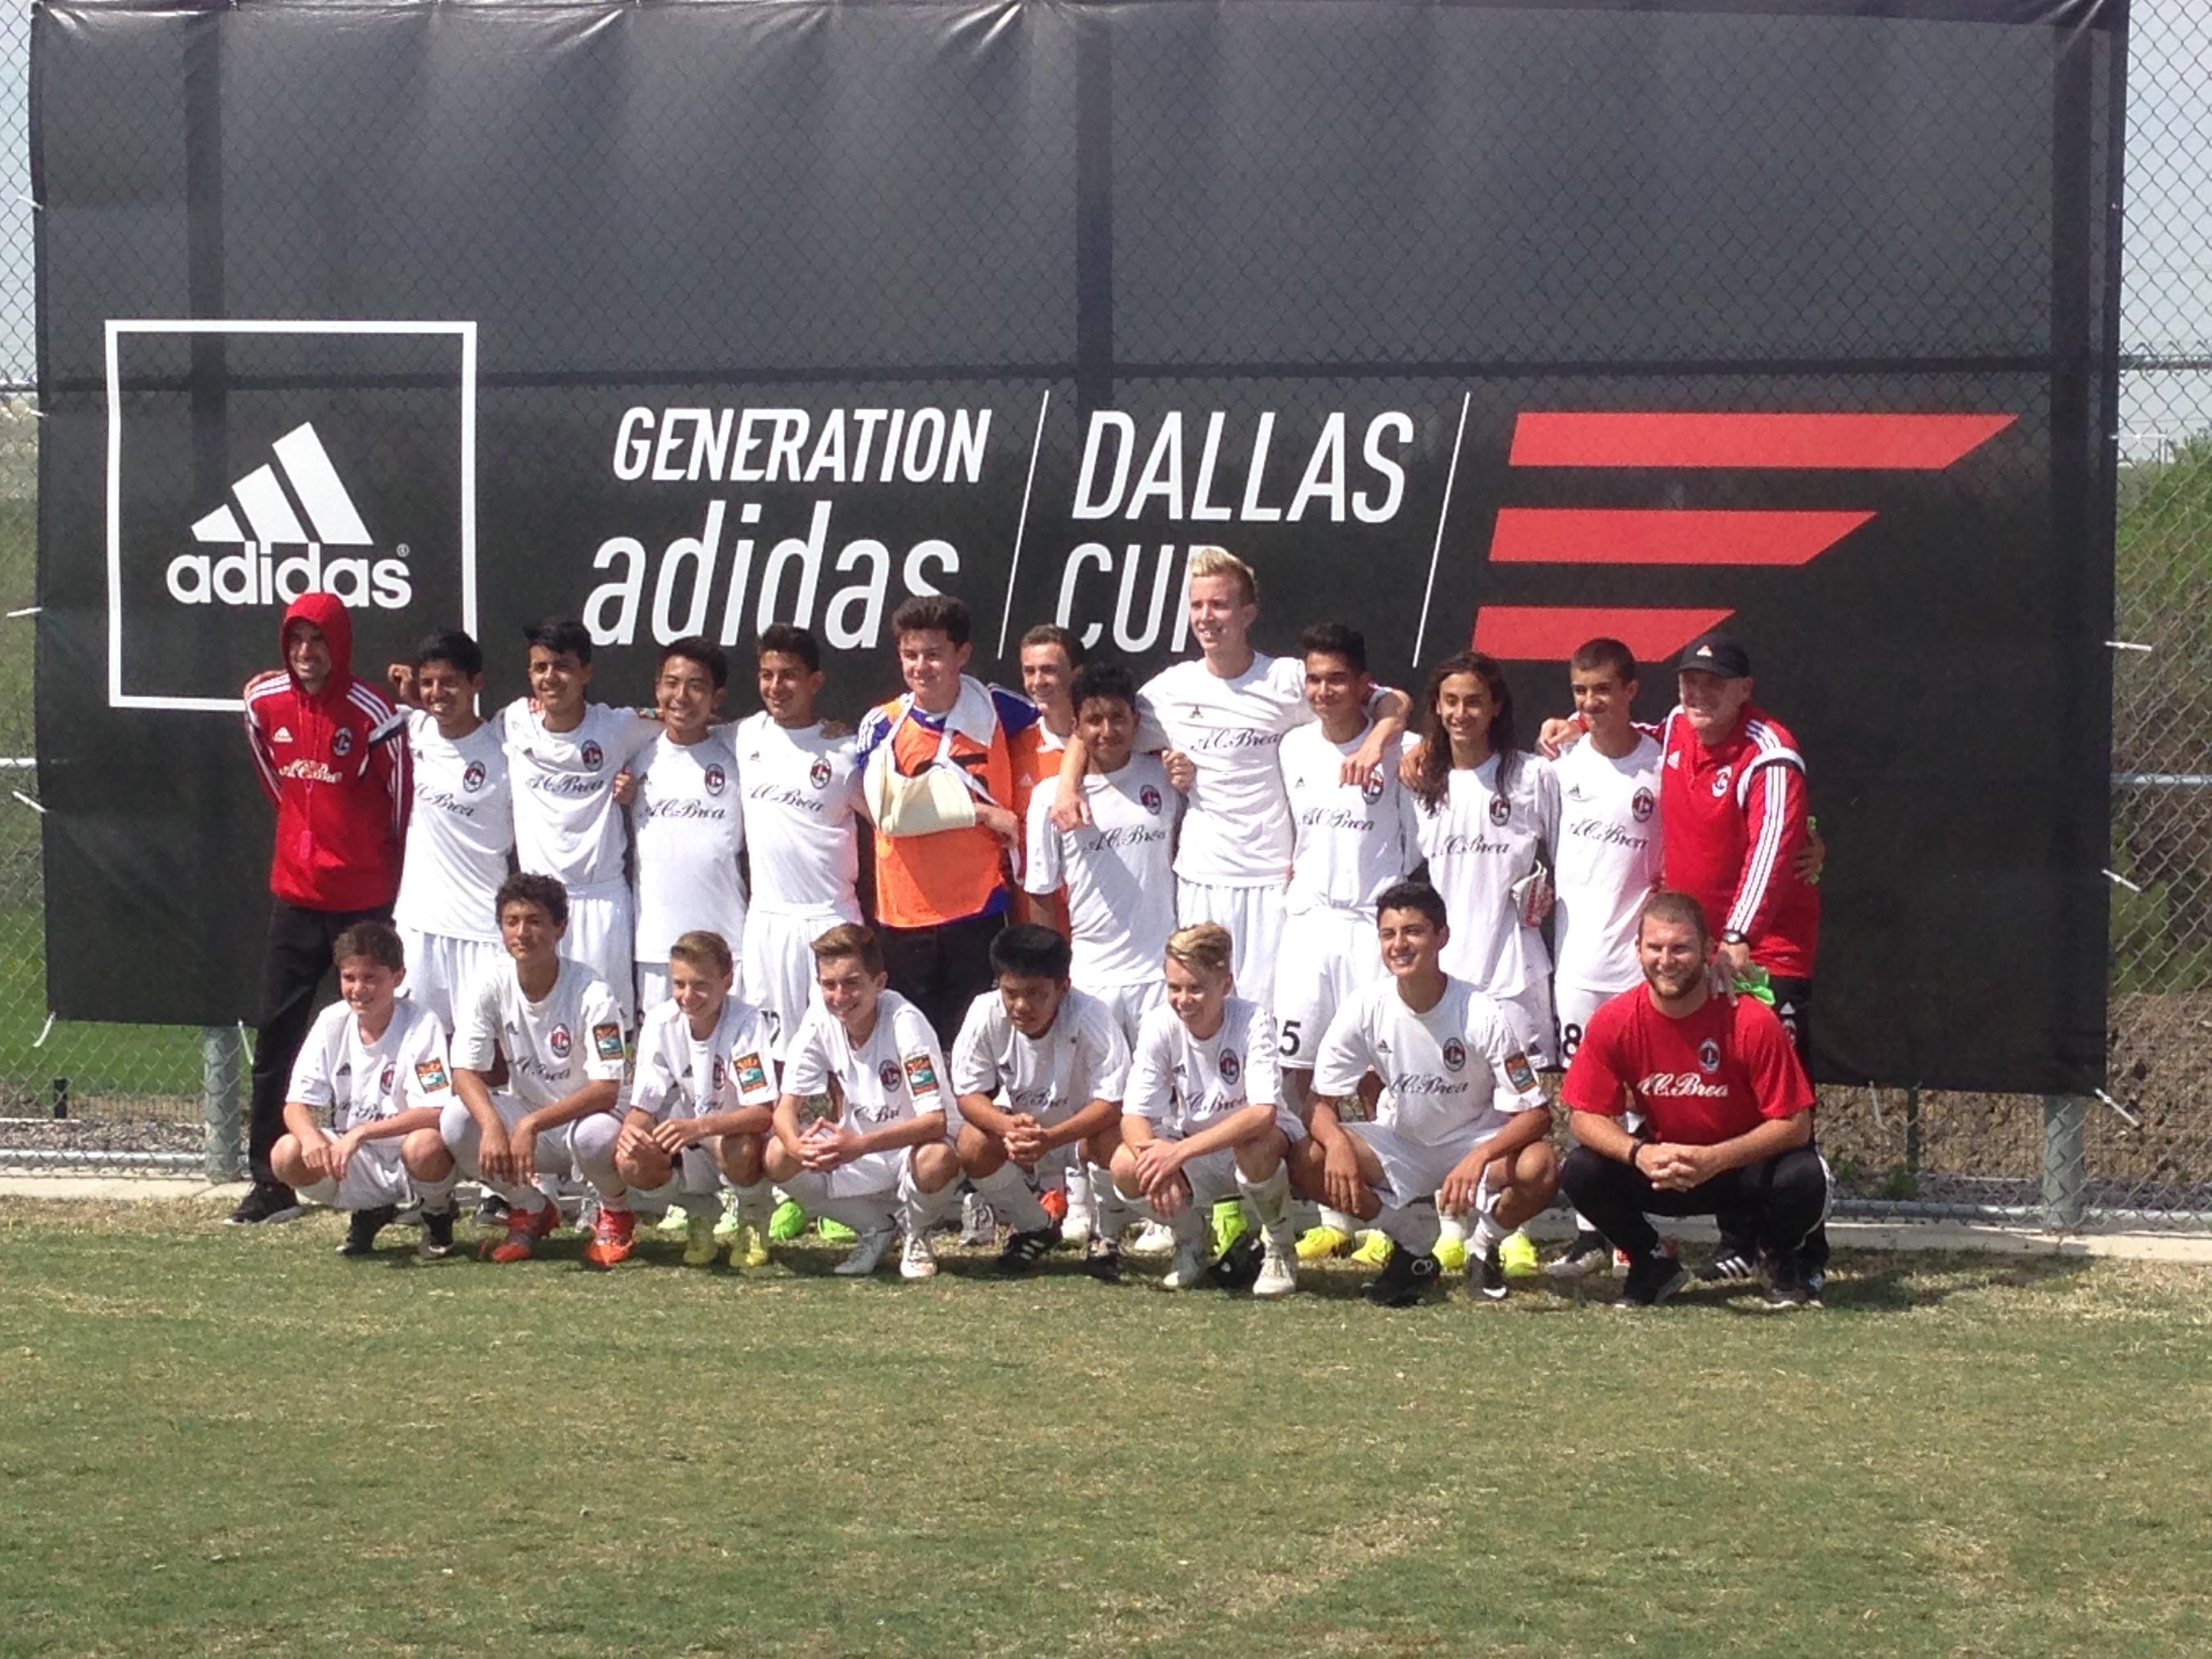 AC Brea U-14 wins Dallas Cup